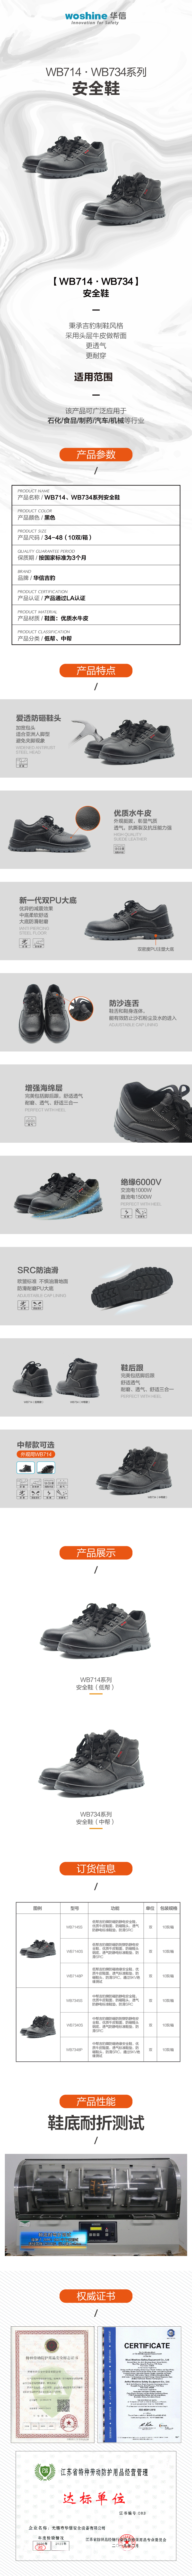 WB714、WB734鞋子 宝贝详情页_画板 1(1)